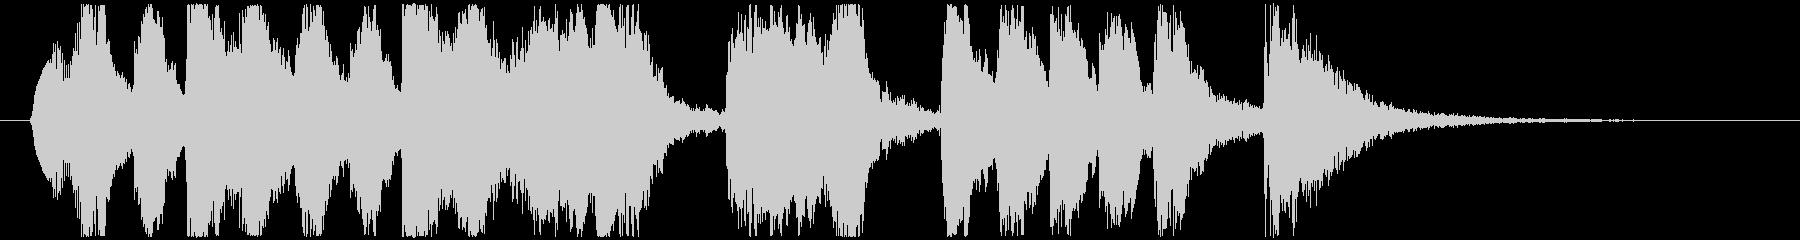 CM 変なファンファーレ No2の未再生の波形